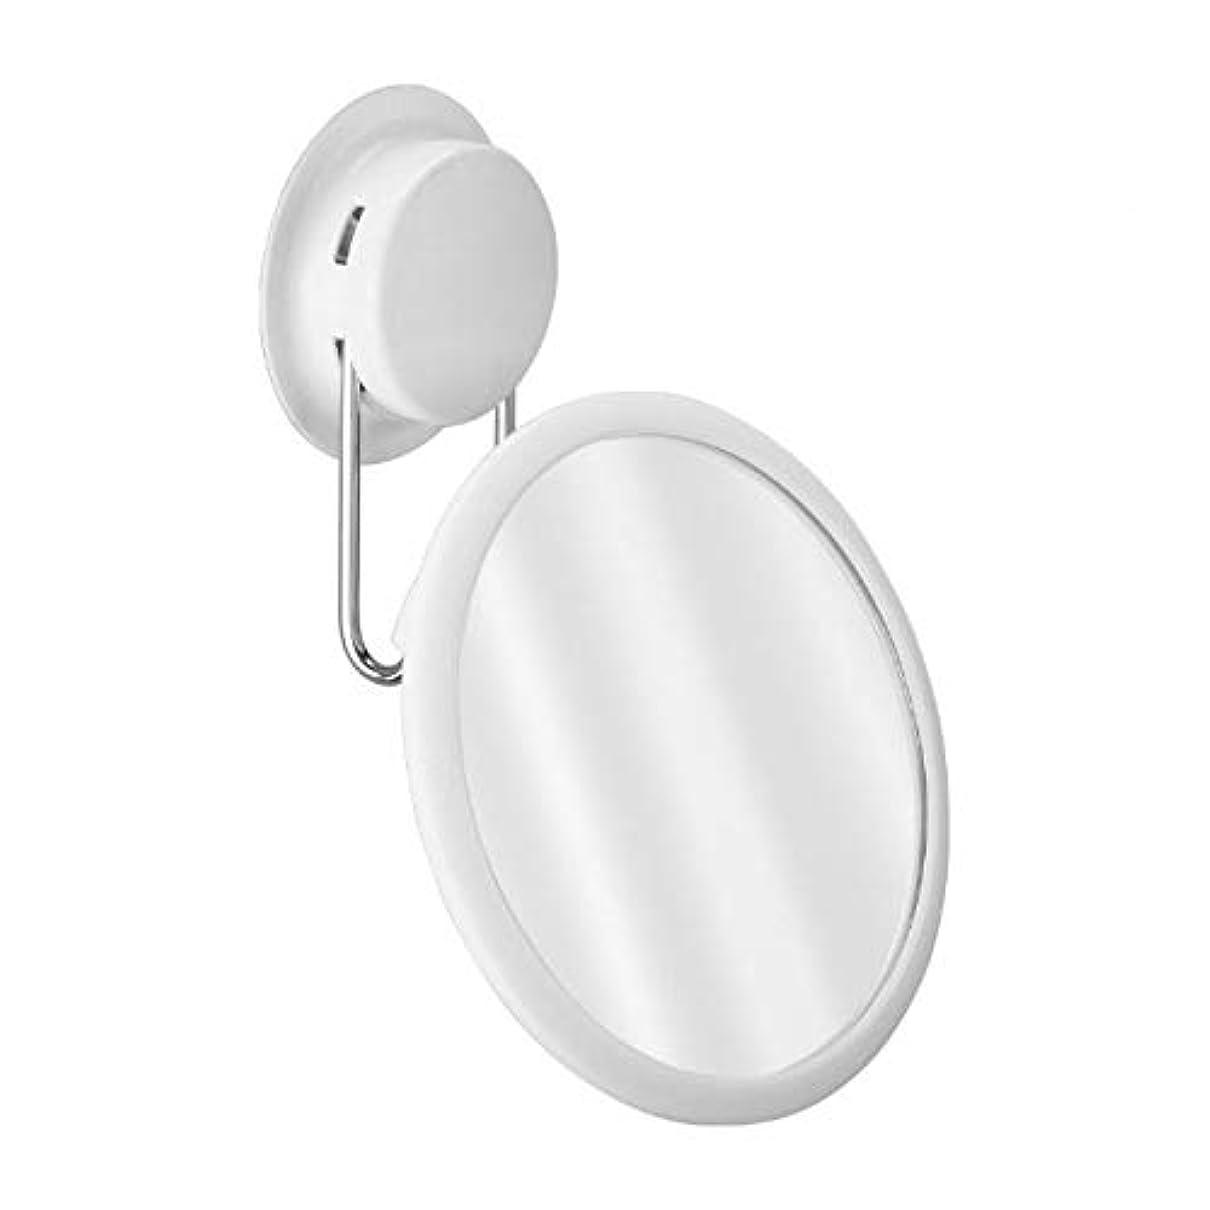 驚いた郡バタフライ化粧鏡、強力な吸盤ラック無料パンチ浴室洗面化粧台ミラー化粧ギフト